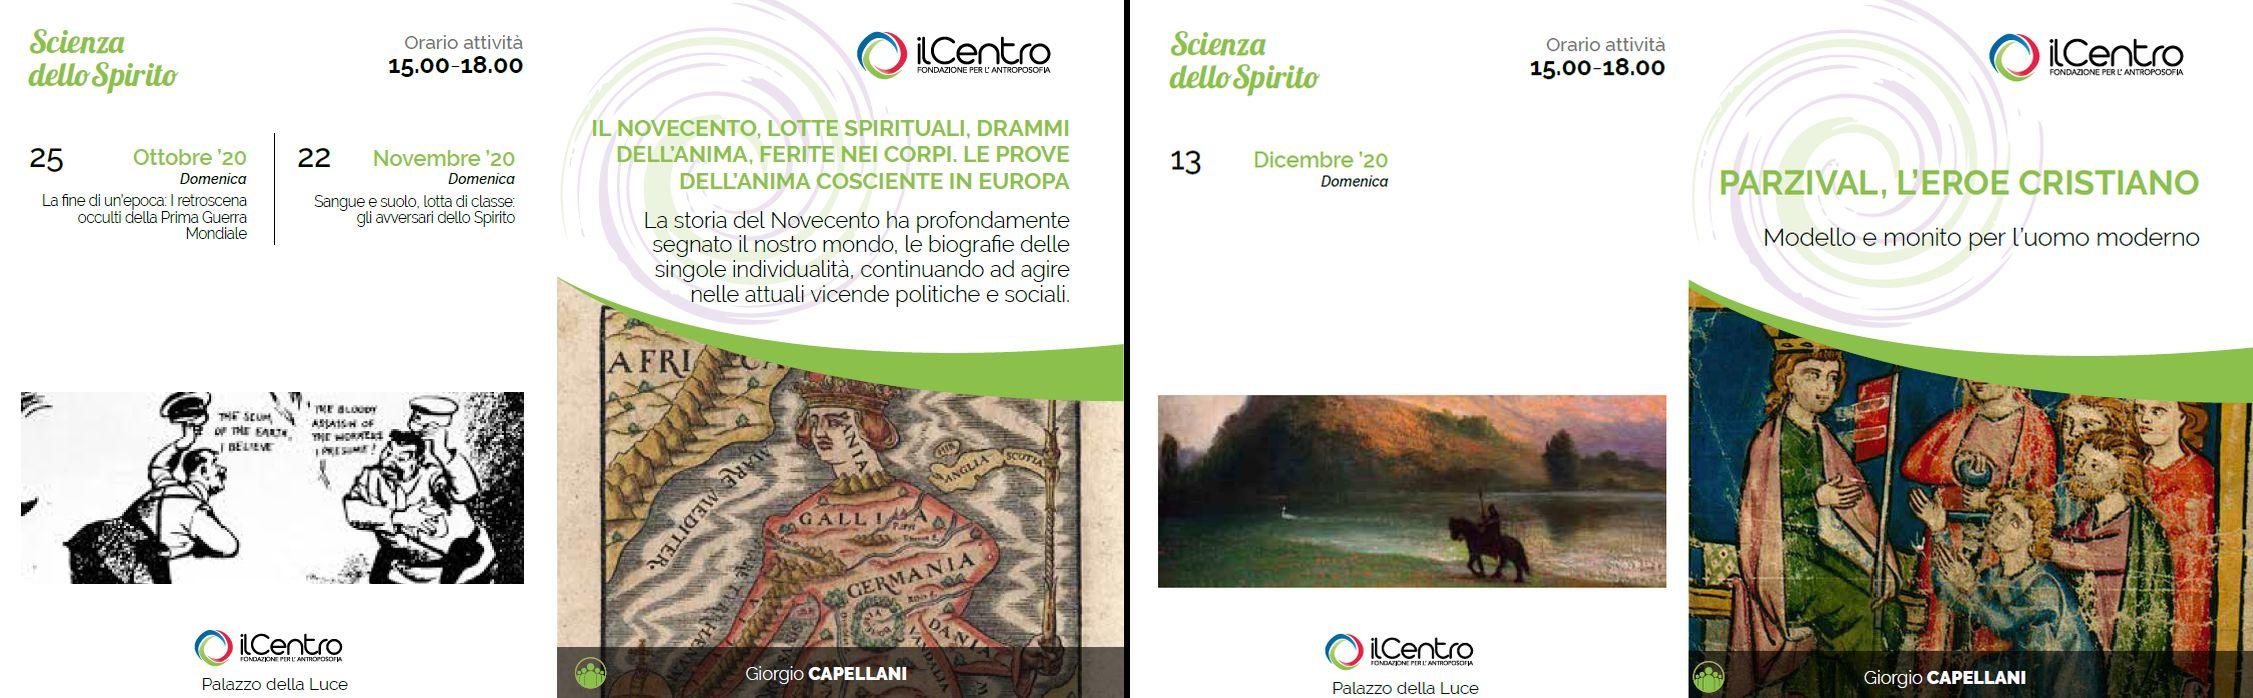 Calendario Giorgio Capellani 2020-21